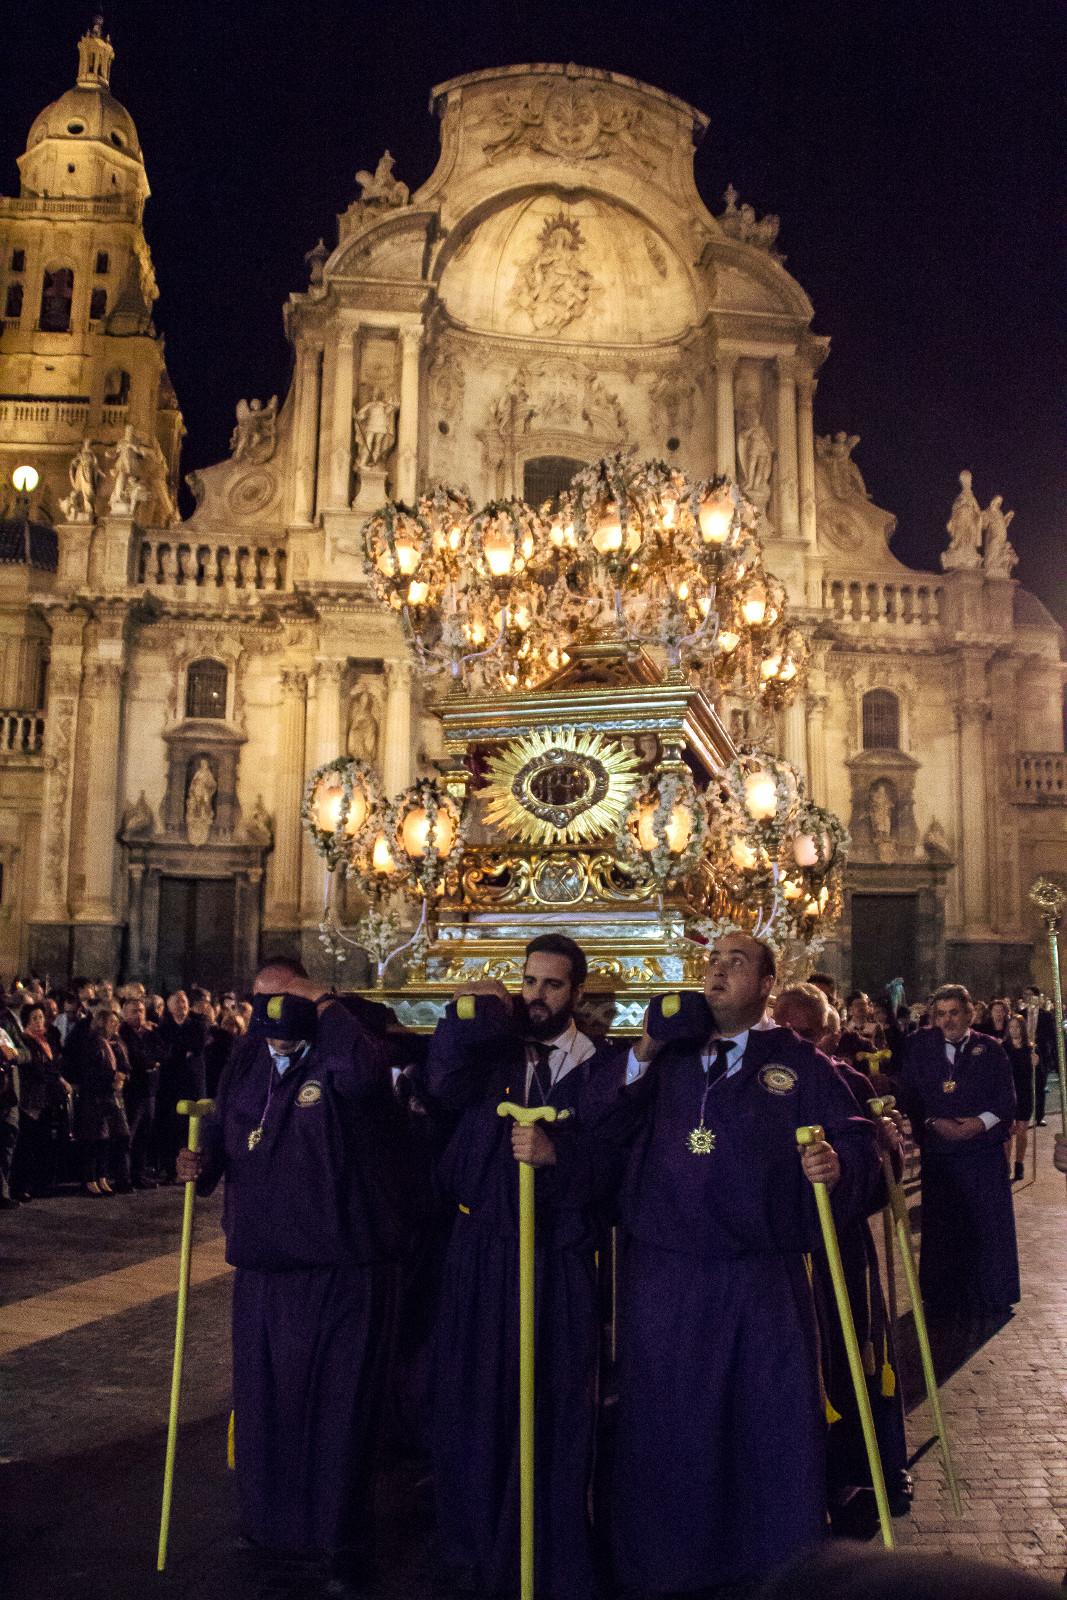 La Cama, desfilando por la plaza de Belluga, con la catedral al fondo (foto de Toni Cascales).